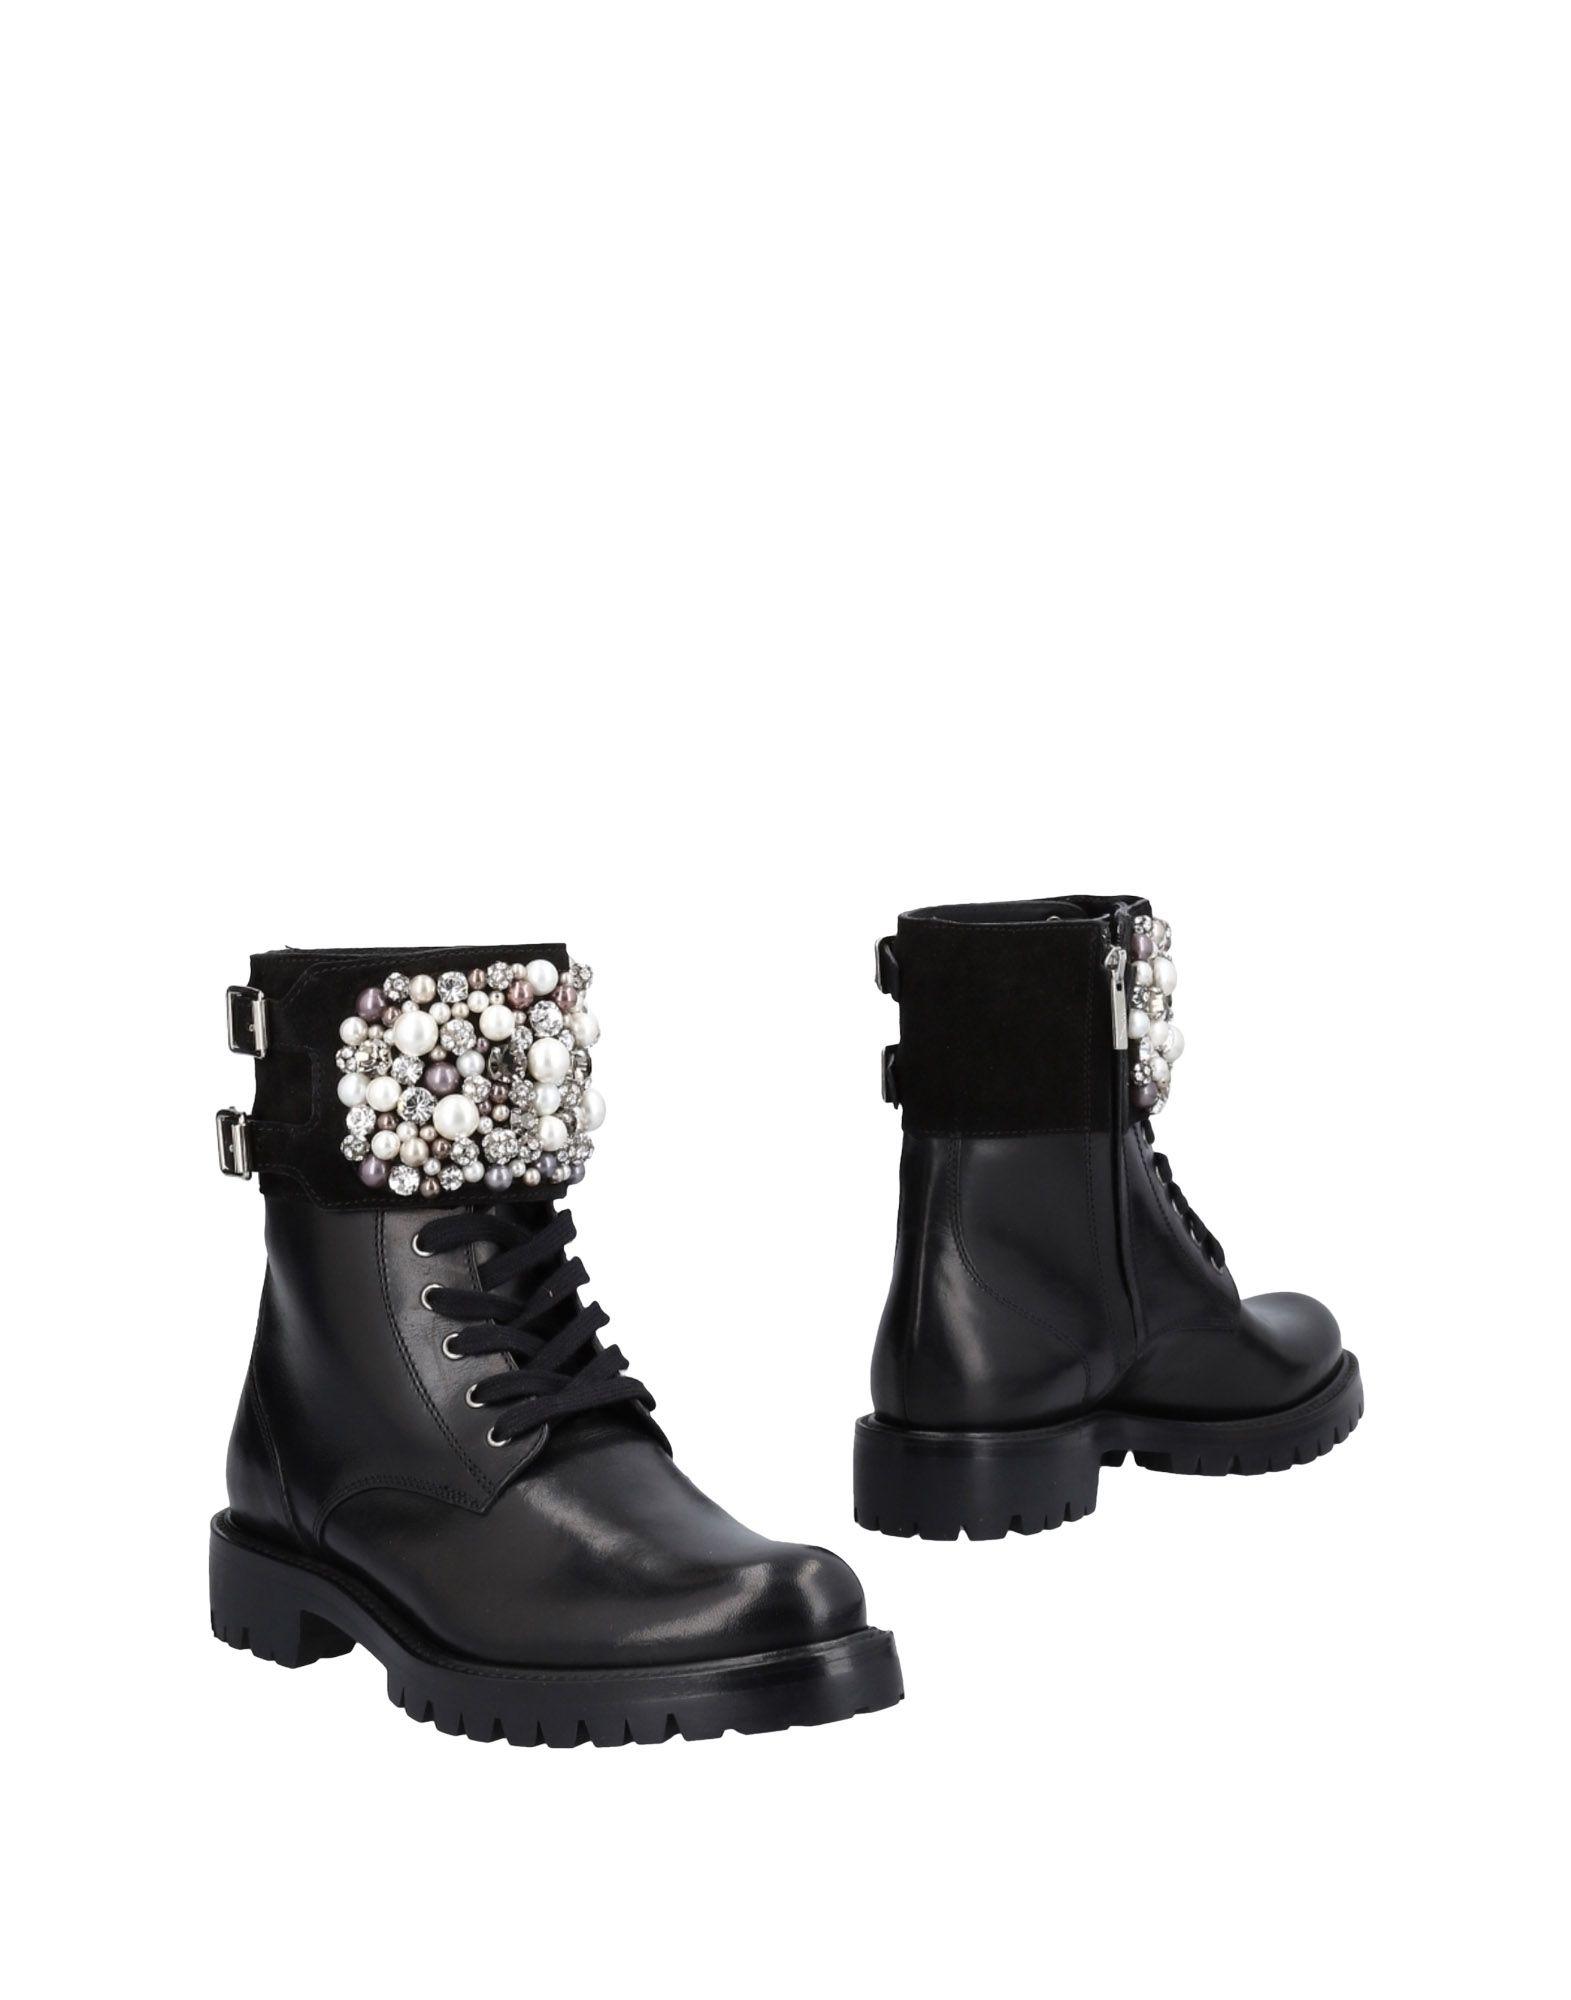 Rene' Caovilla Stiefelette Damen aussehende  11489265PVGünstige gut aussehende Damen Schuhe c47f93